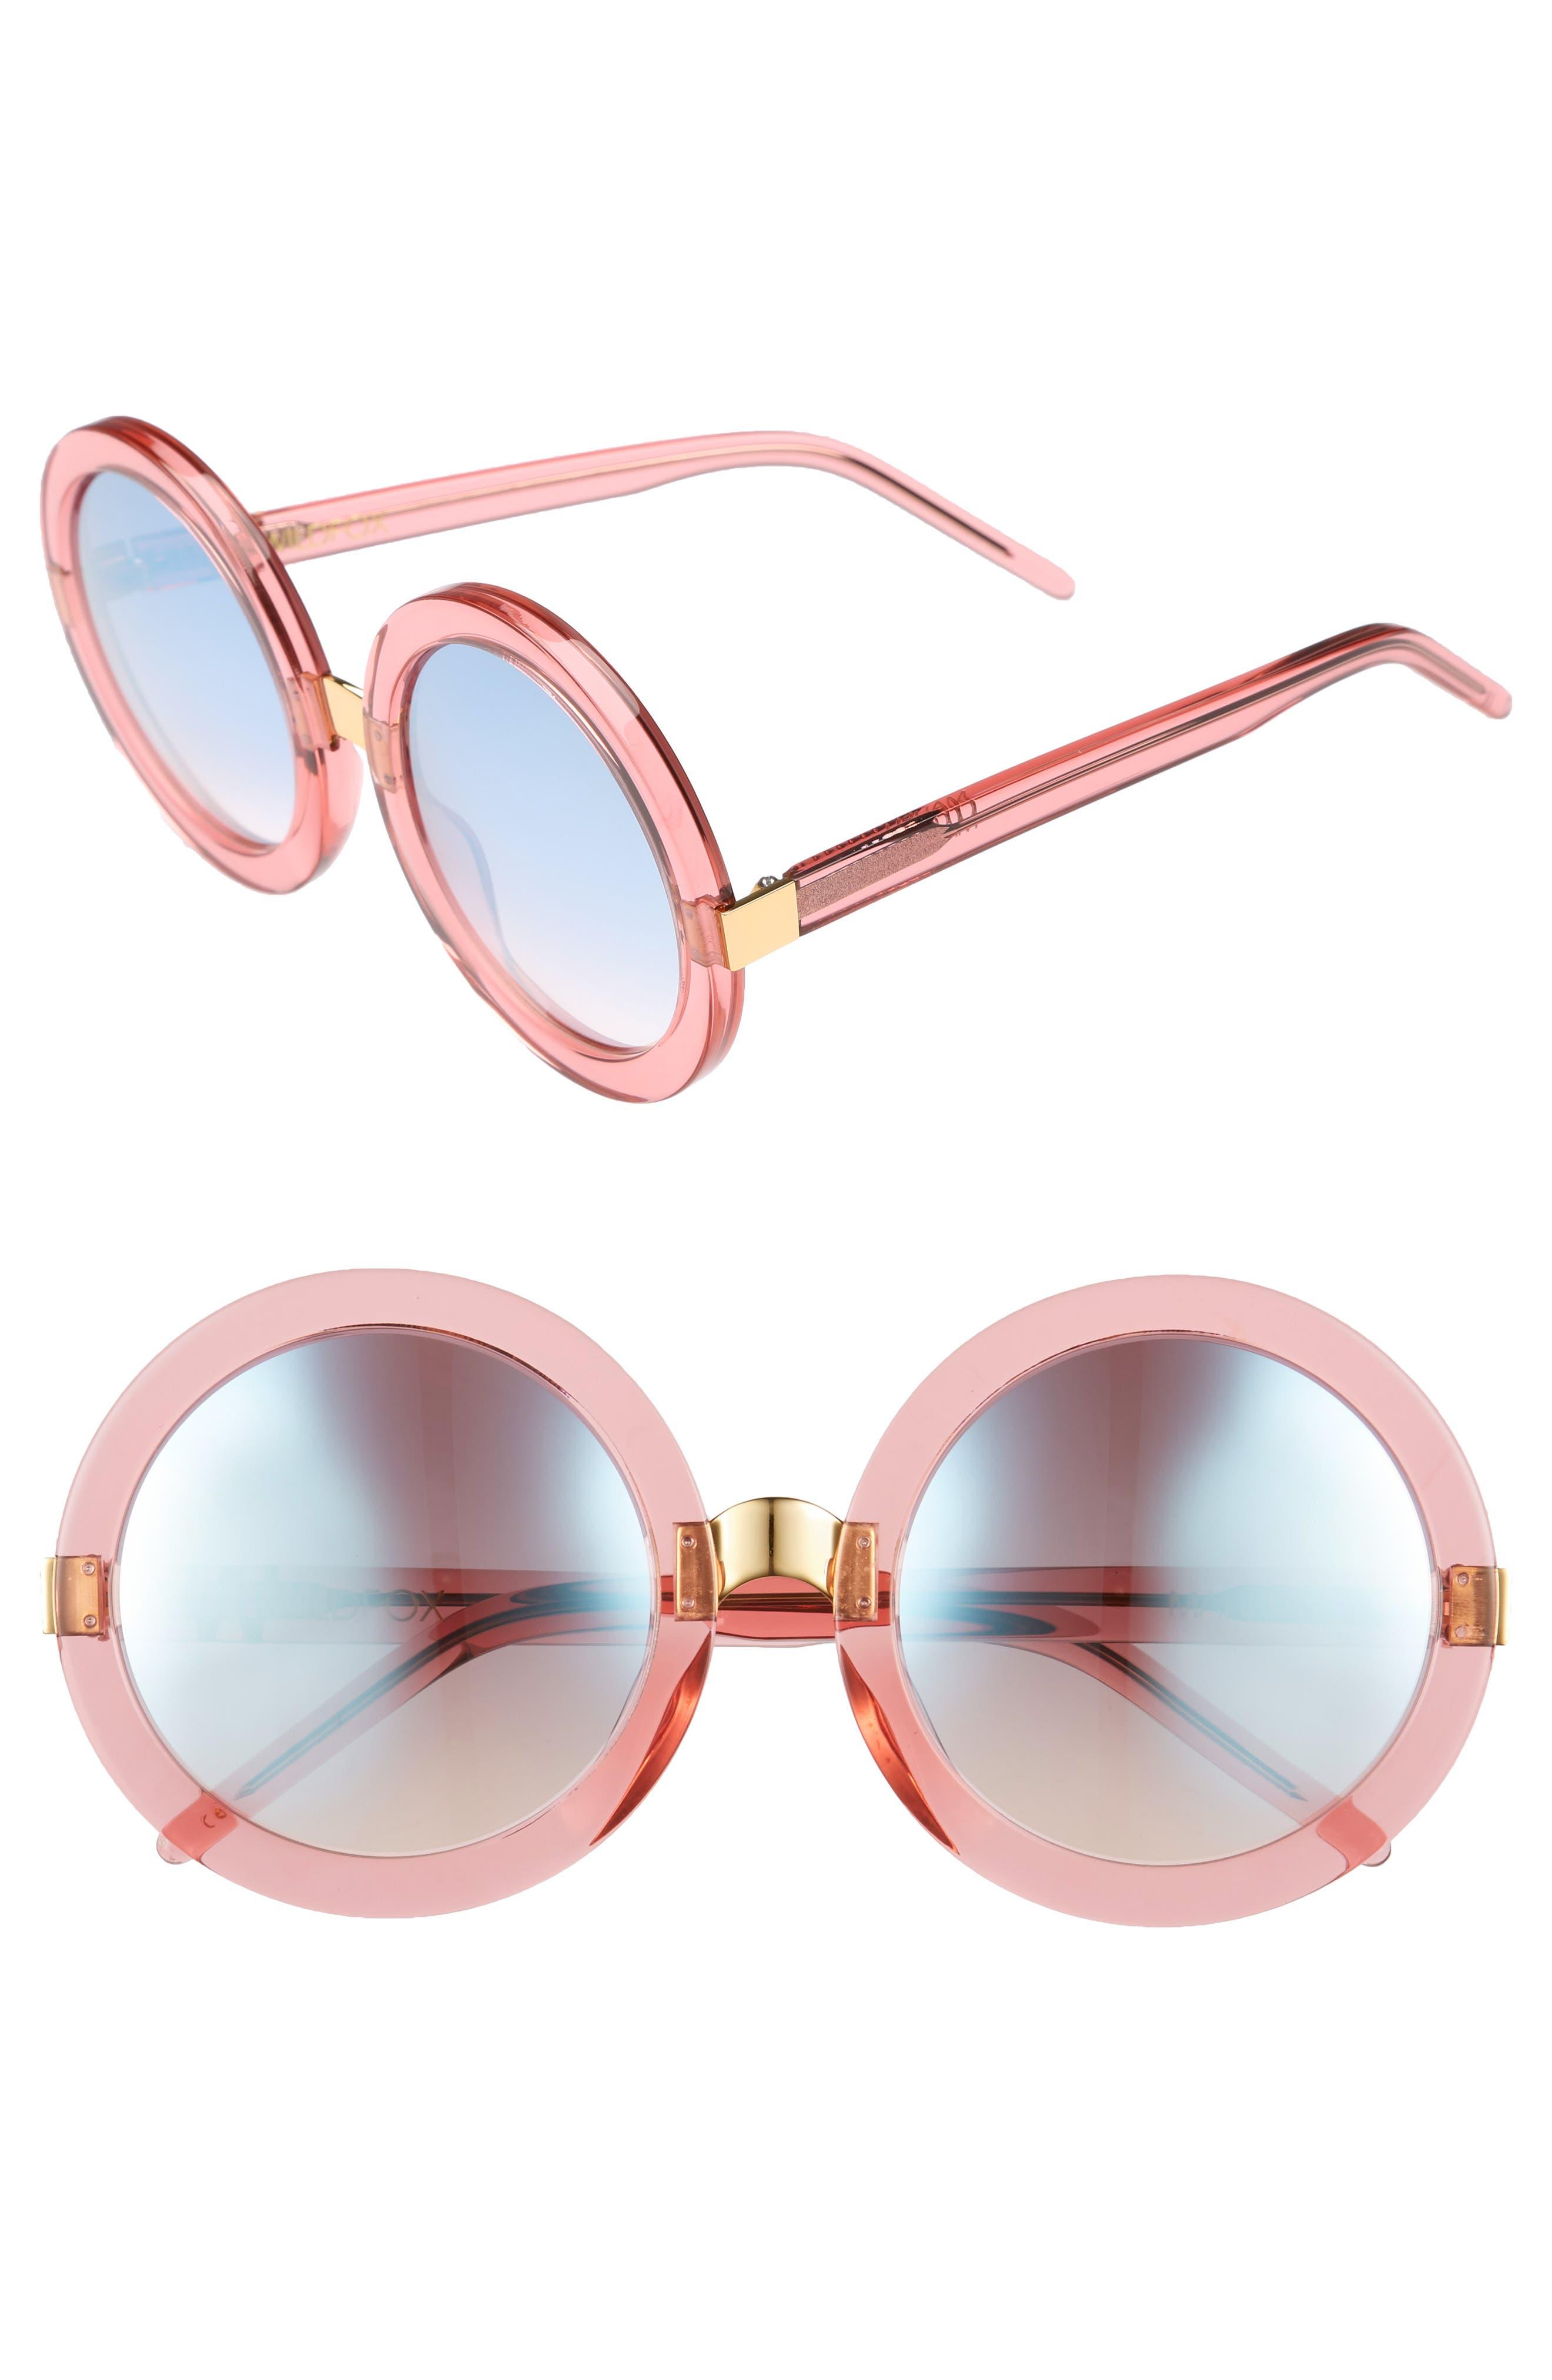 'Malibu Deluxe' 55mm Retro Sunglasses,                             Main thumbnail 1, color,                             690